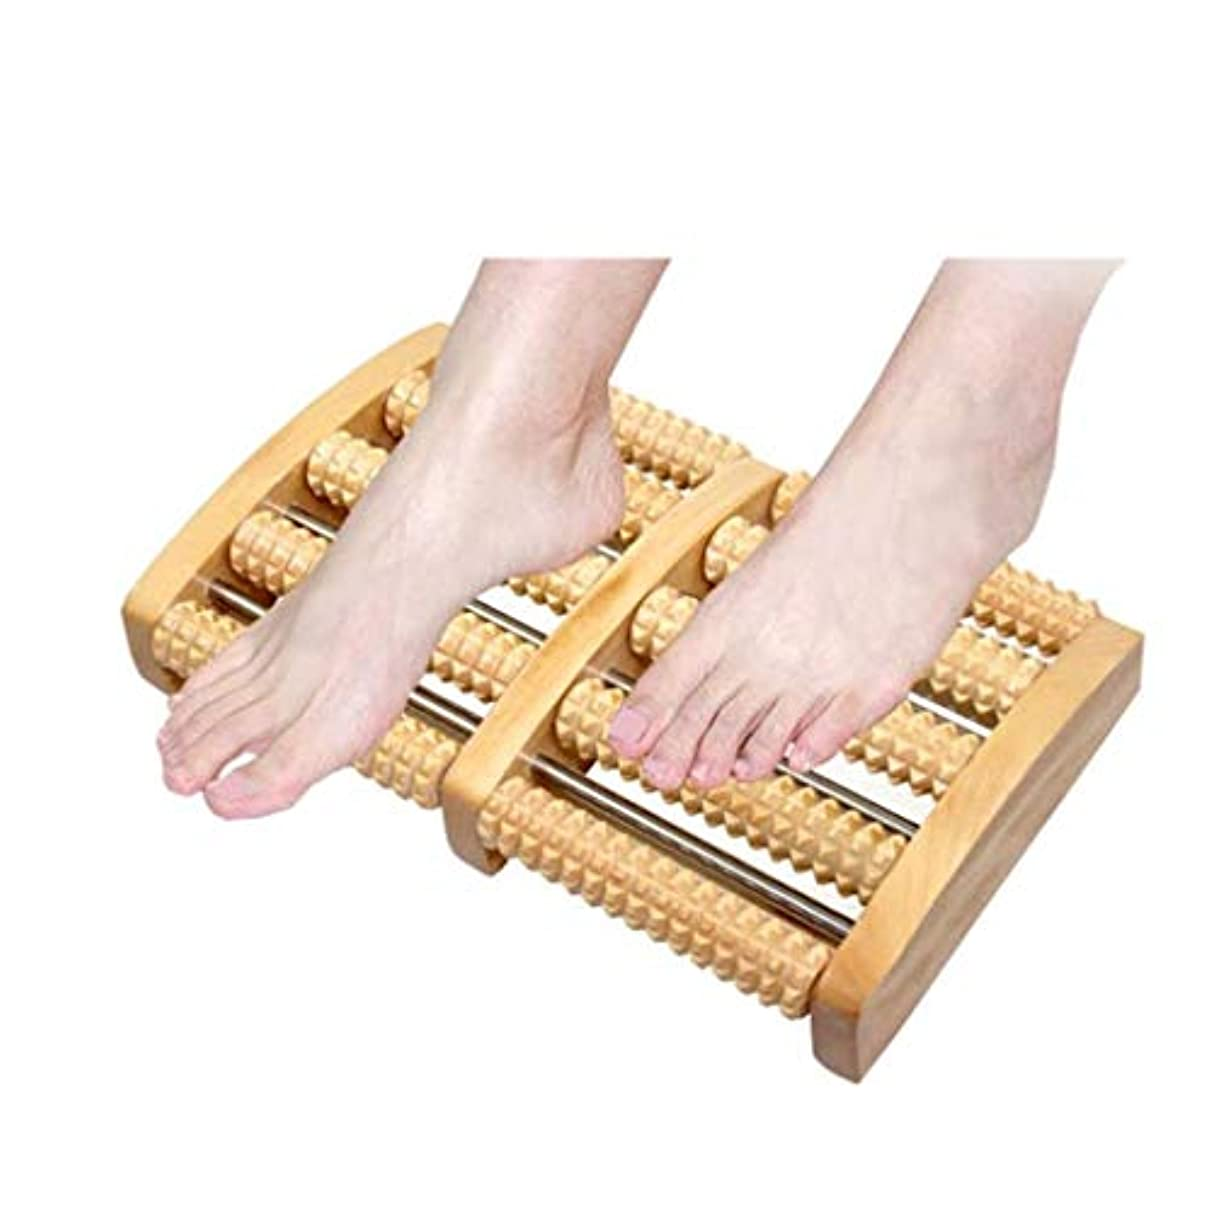 貪欲すみません画像フットマッサージ、木製フットマッサージローラー-足底筋膜炎、かかと、アーチの痛みを和らげます-指圧マッサージでストレスを緩和 (Color : A)